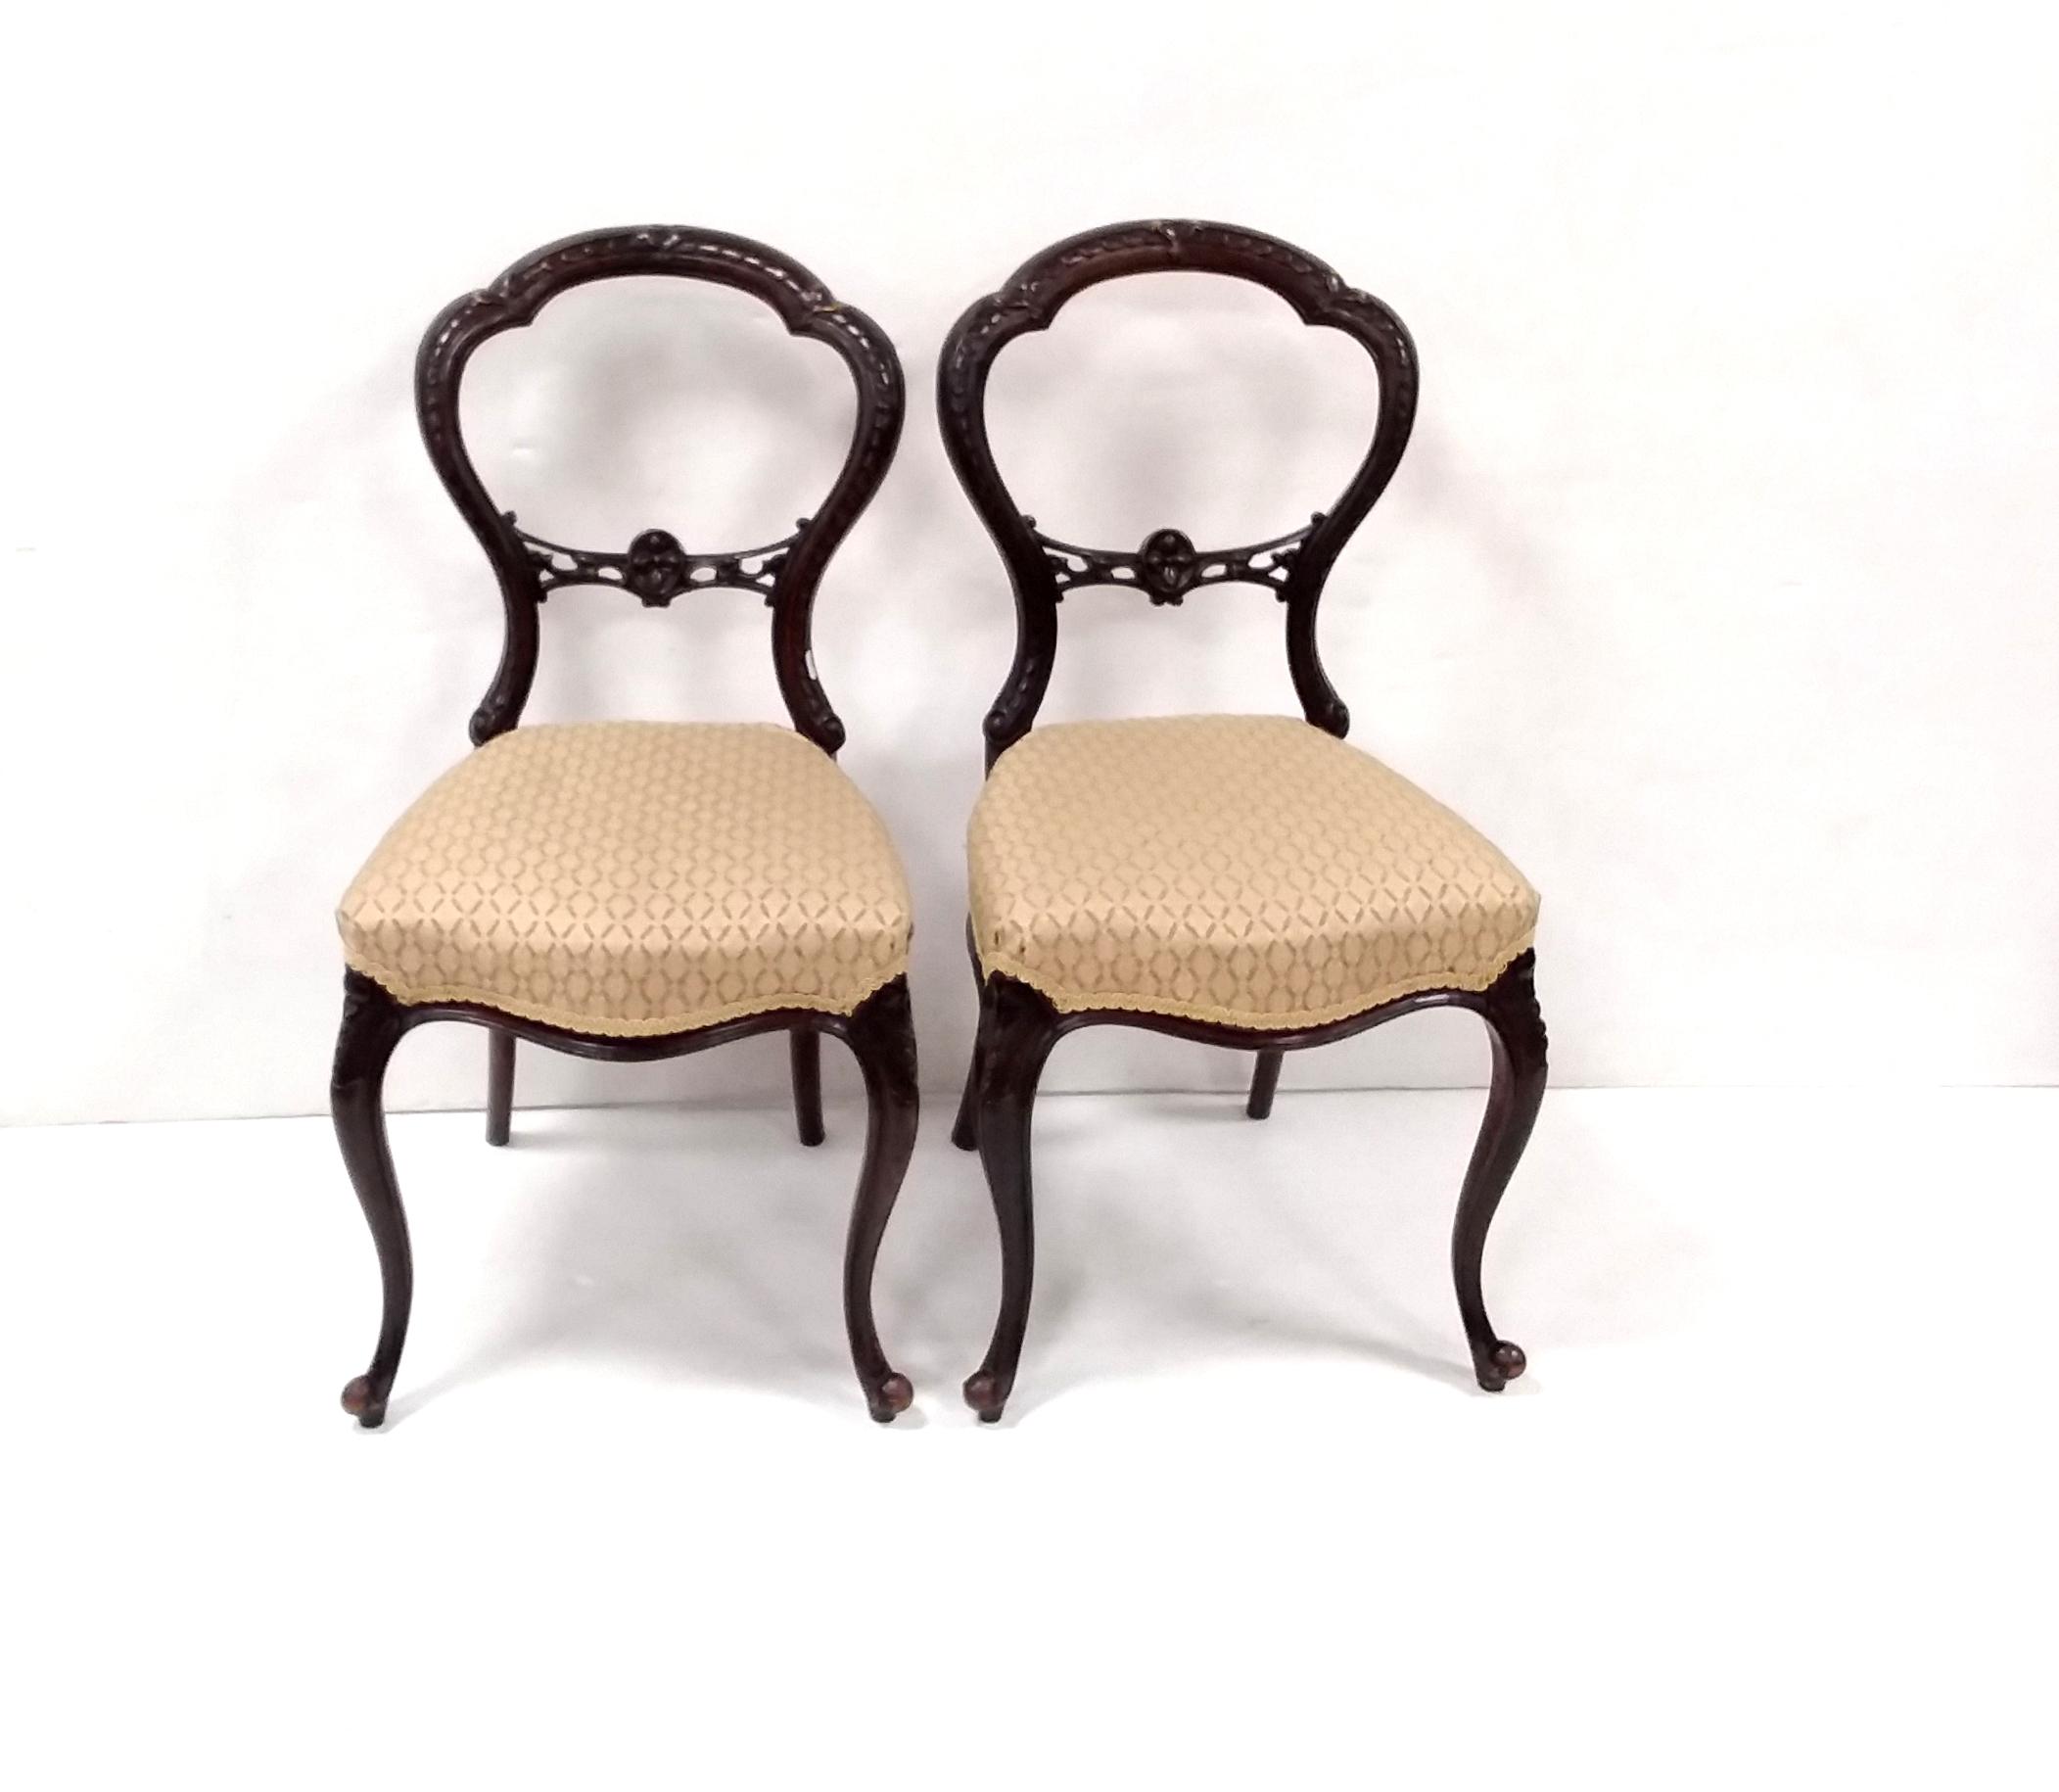 Metal Antique Chairs Interior Design Ideas